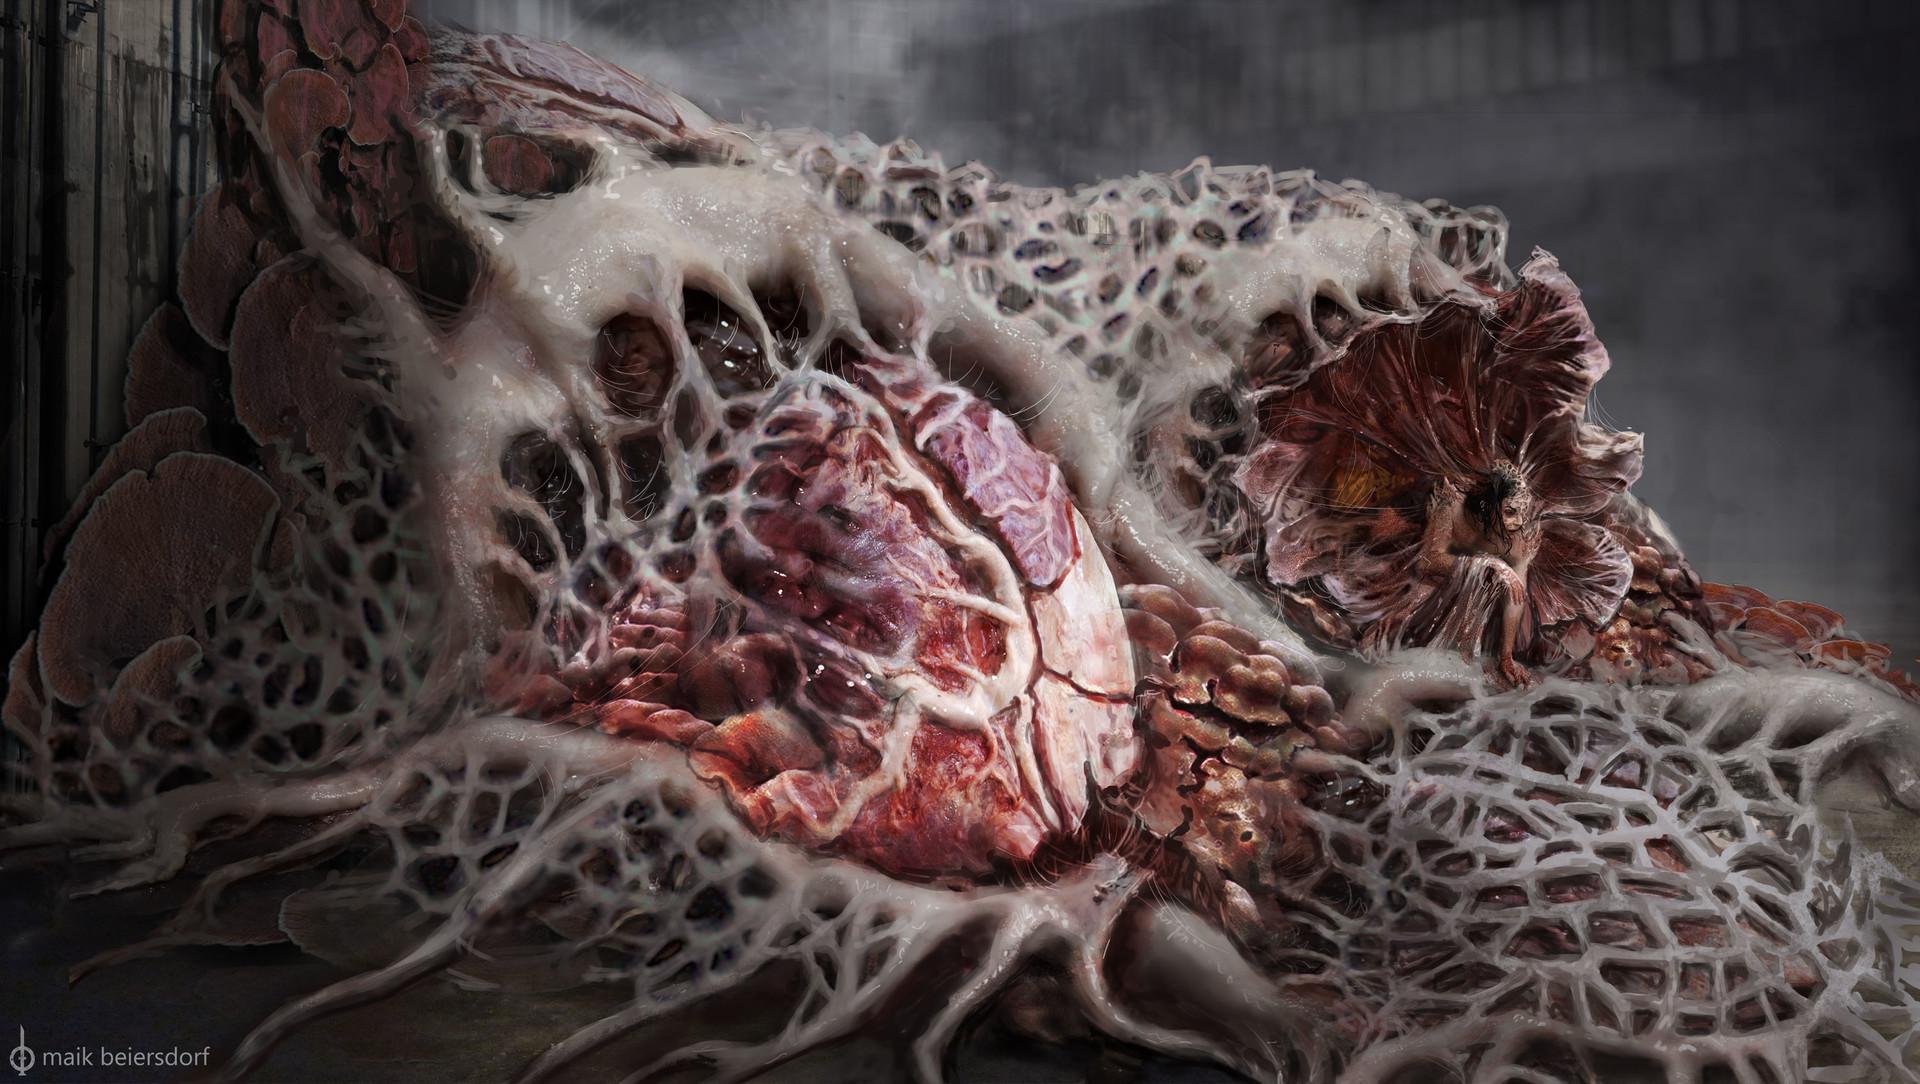 Maik beiersdorf infection pods web